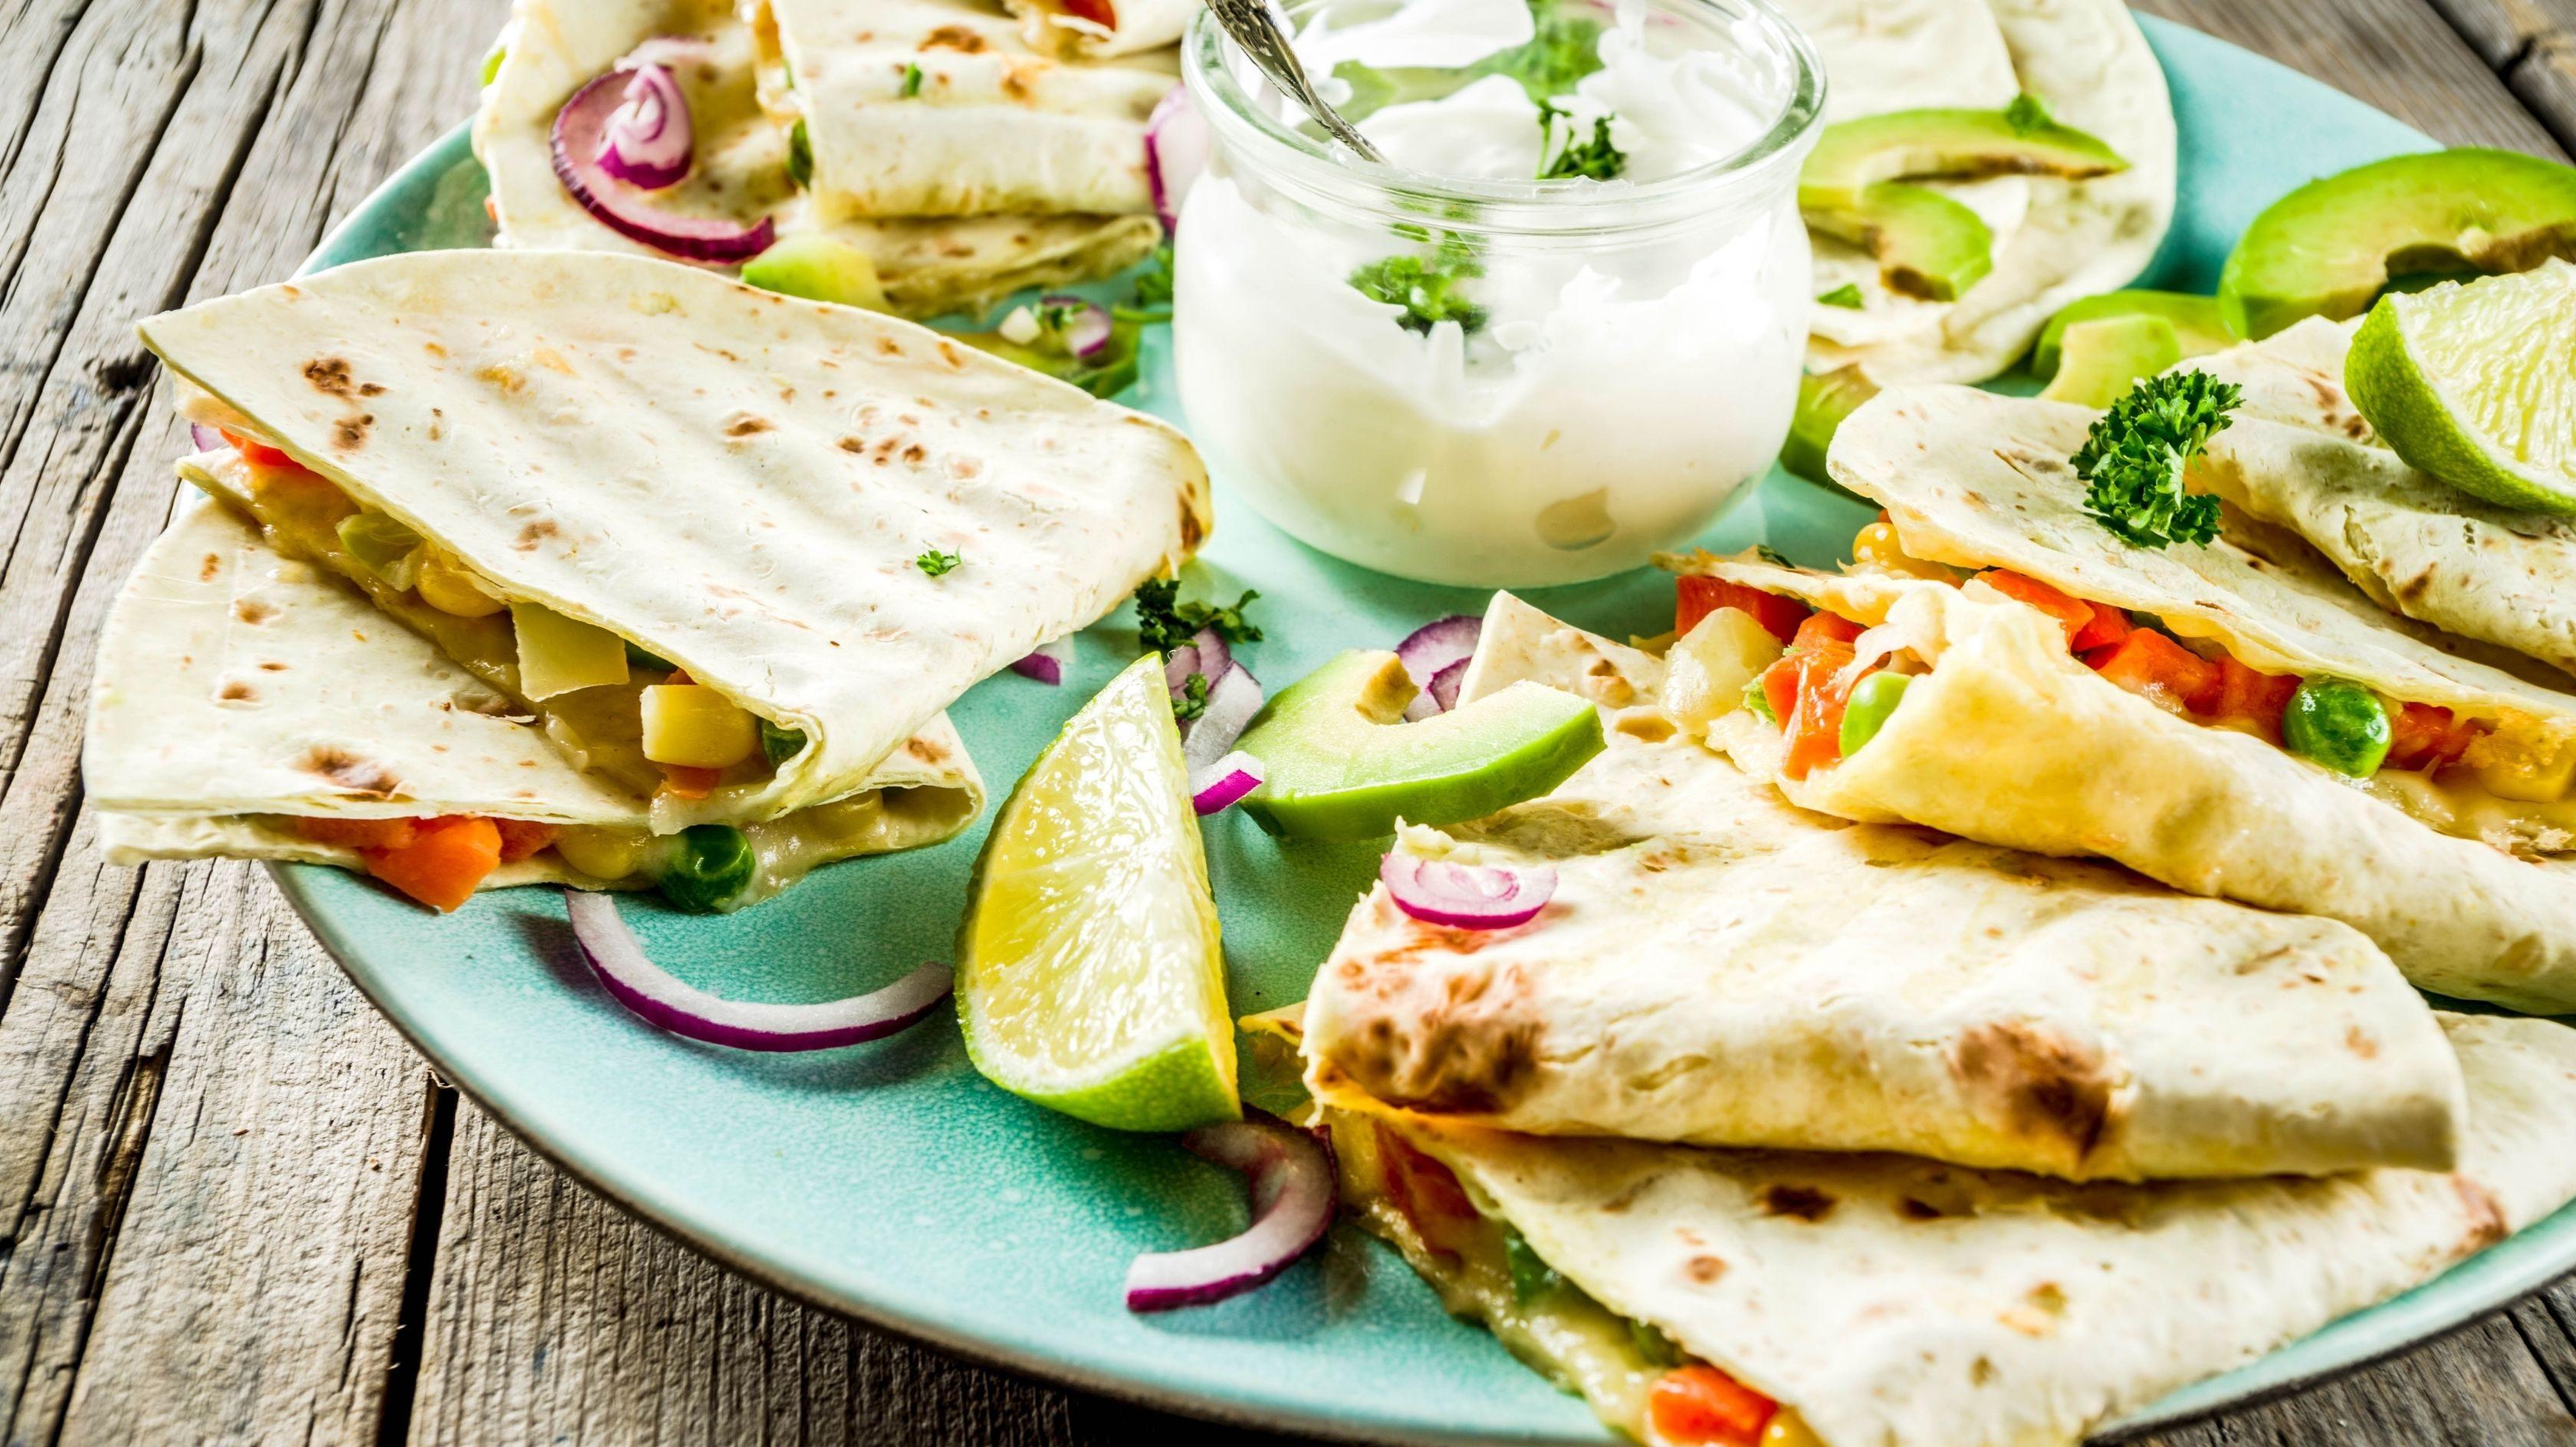 Alla scoperta del Tex-Mex: il fusion che unisce il meglio delle cucine texana e messicana